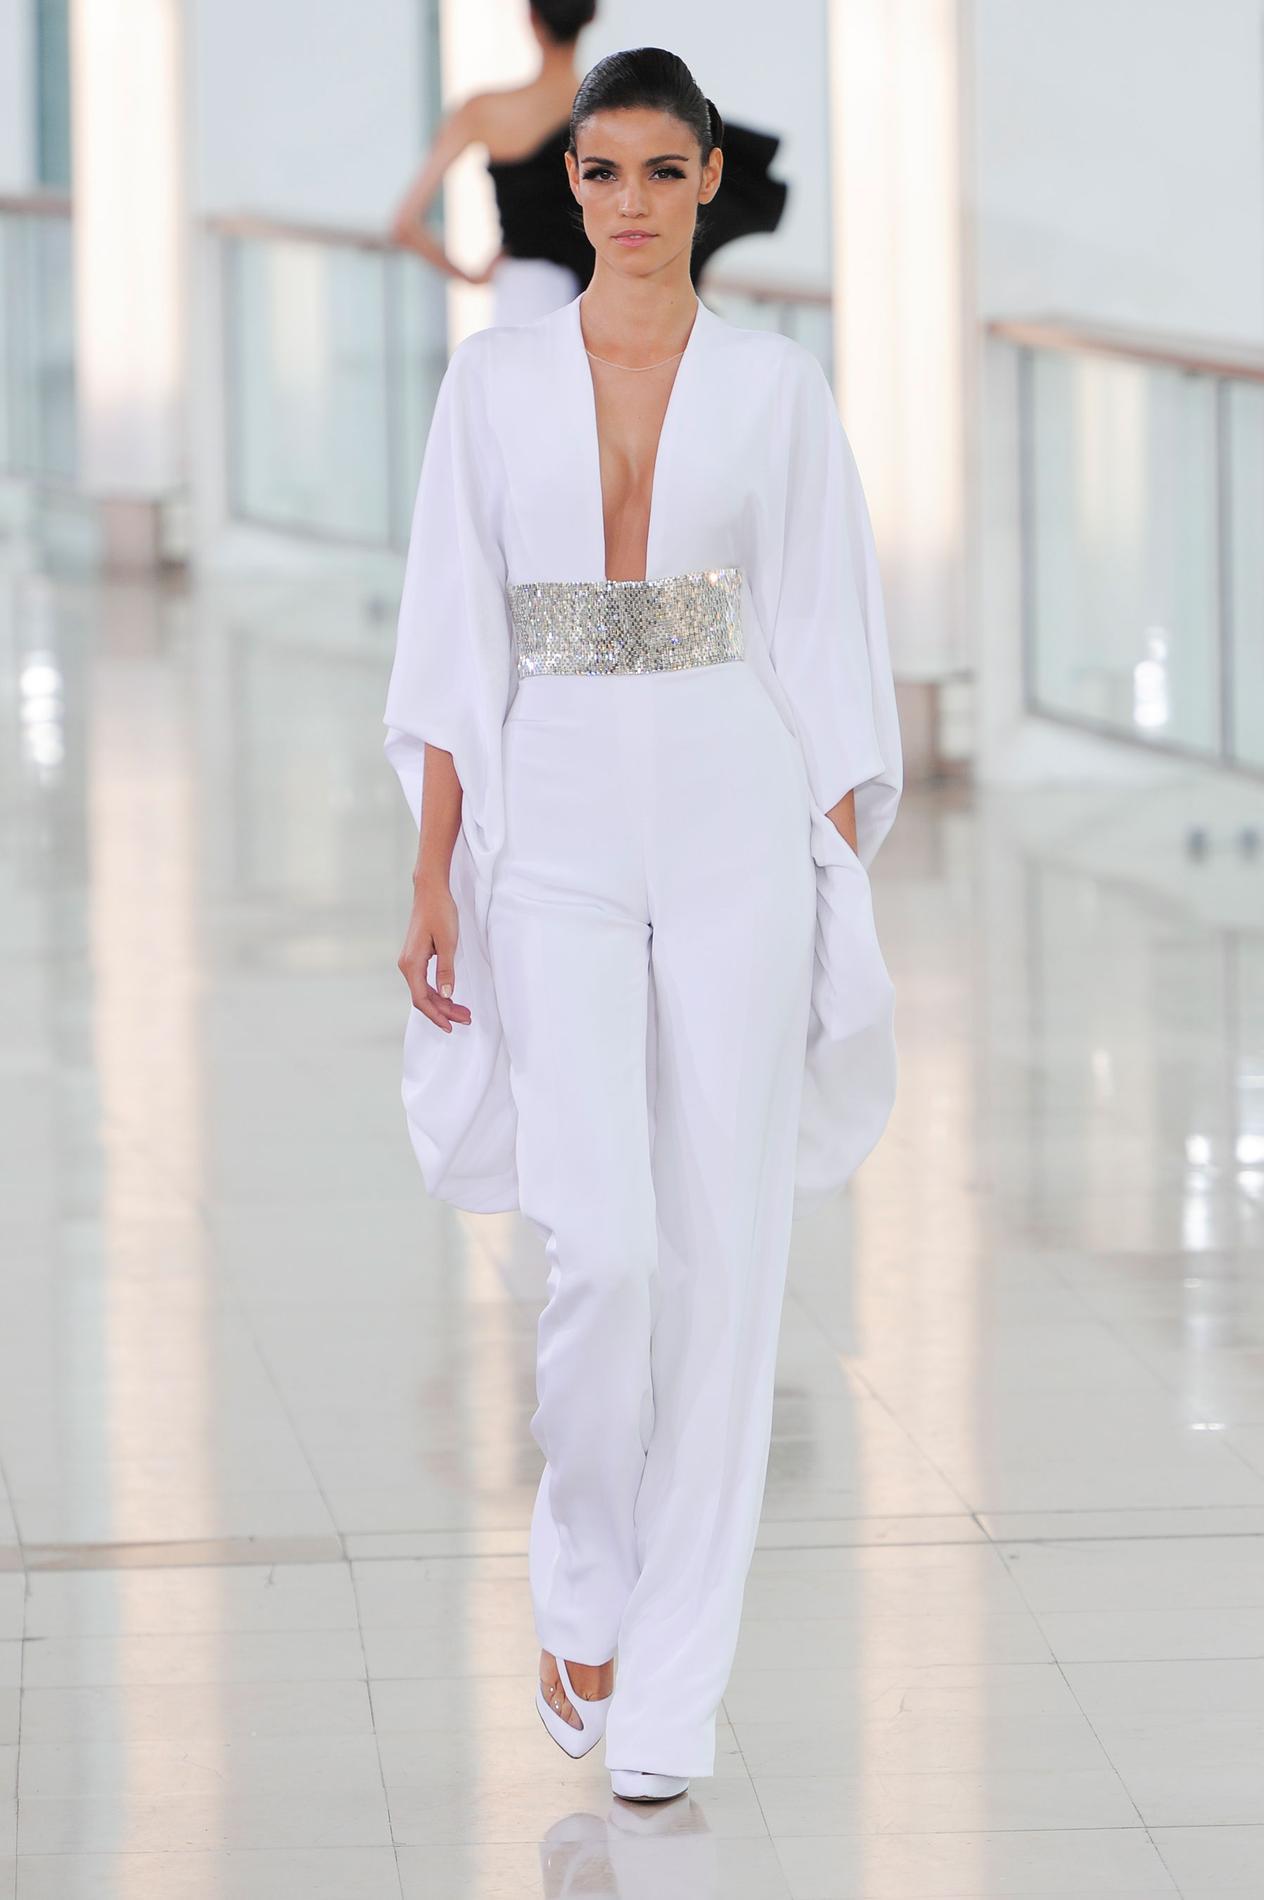 Haute Couture Femme Pantalon Haute Couture Pantalon Pantalon Haute Femme Femme oQeWrCxdB